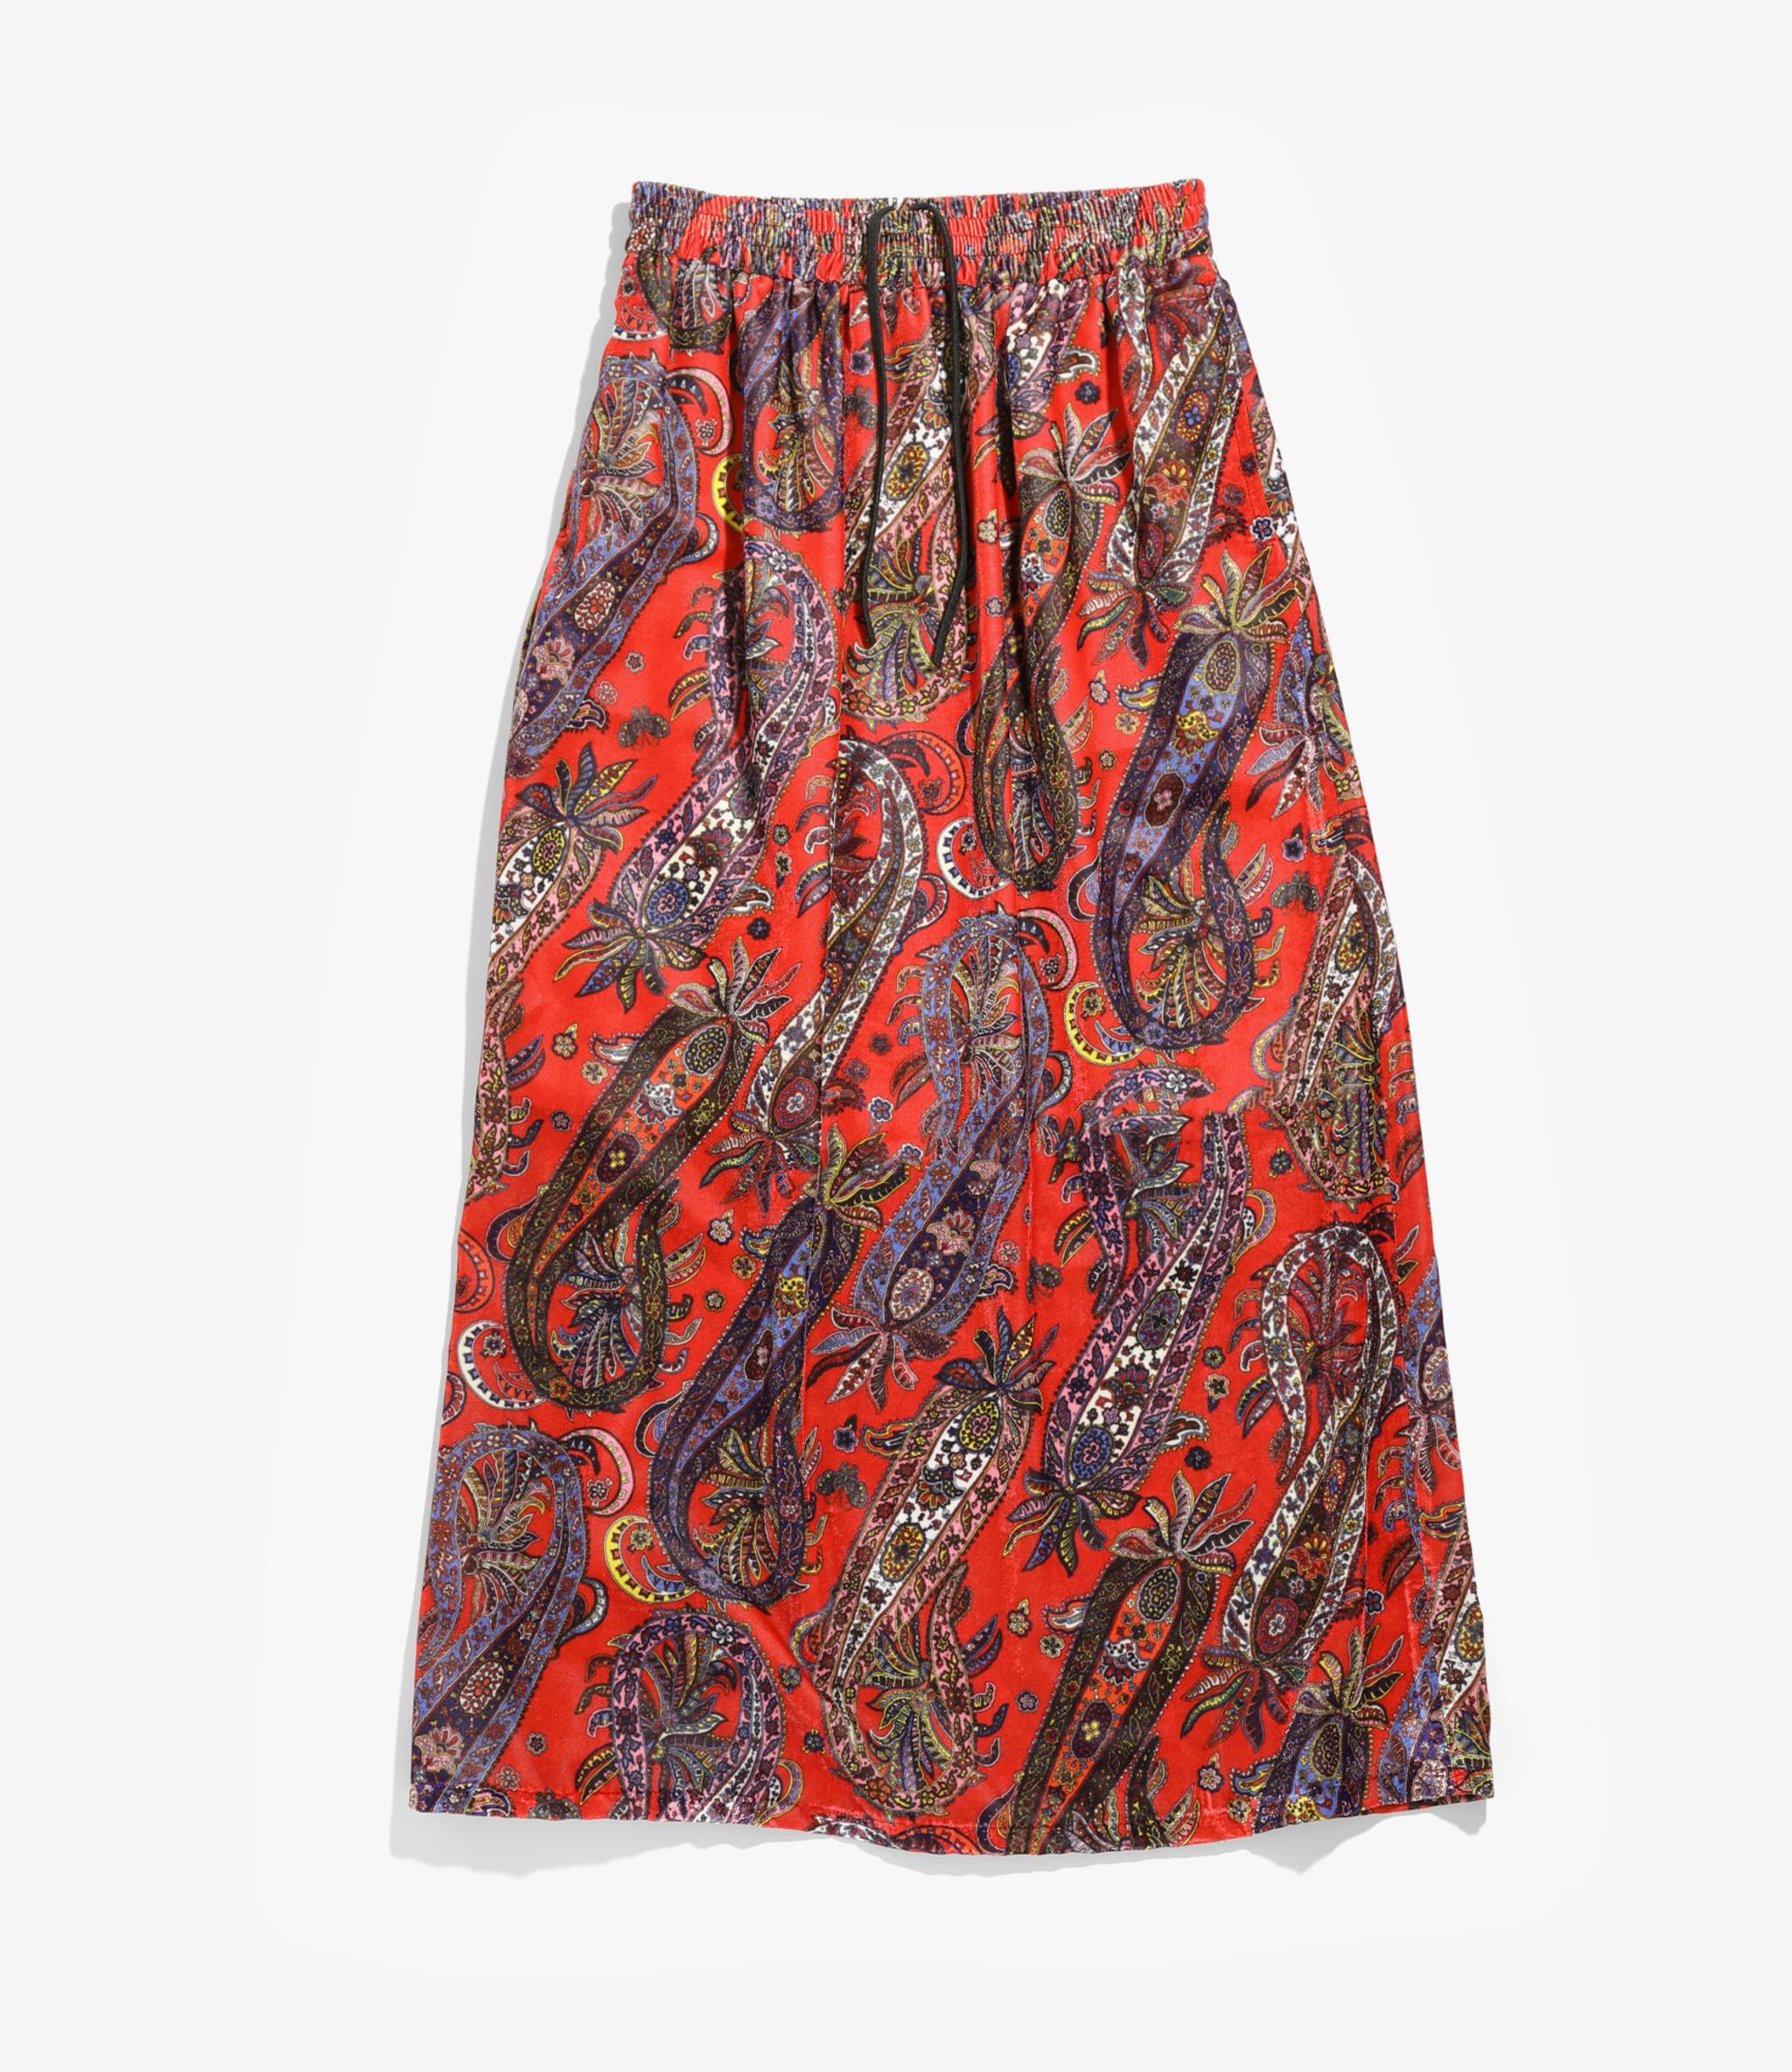 Needles Gathered Skirt - R/Pe Velvet / Pt. - Paisley